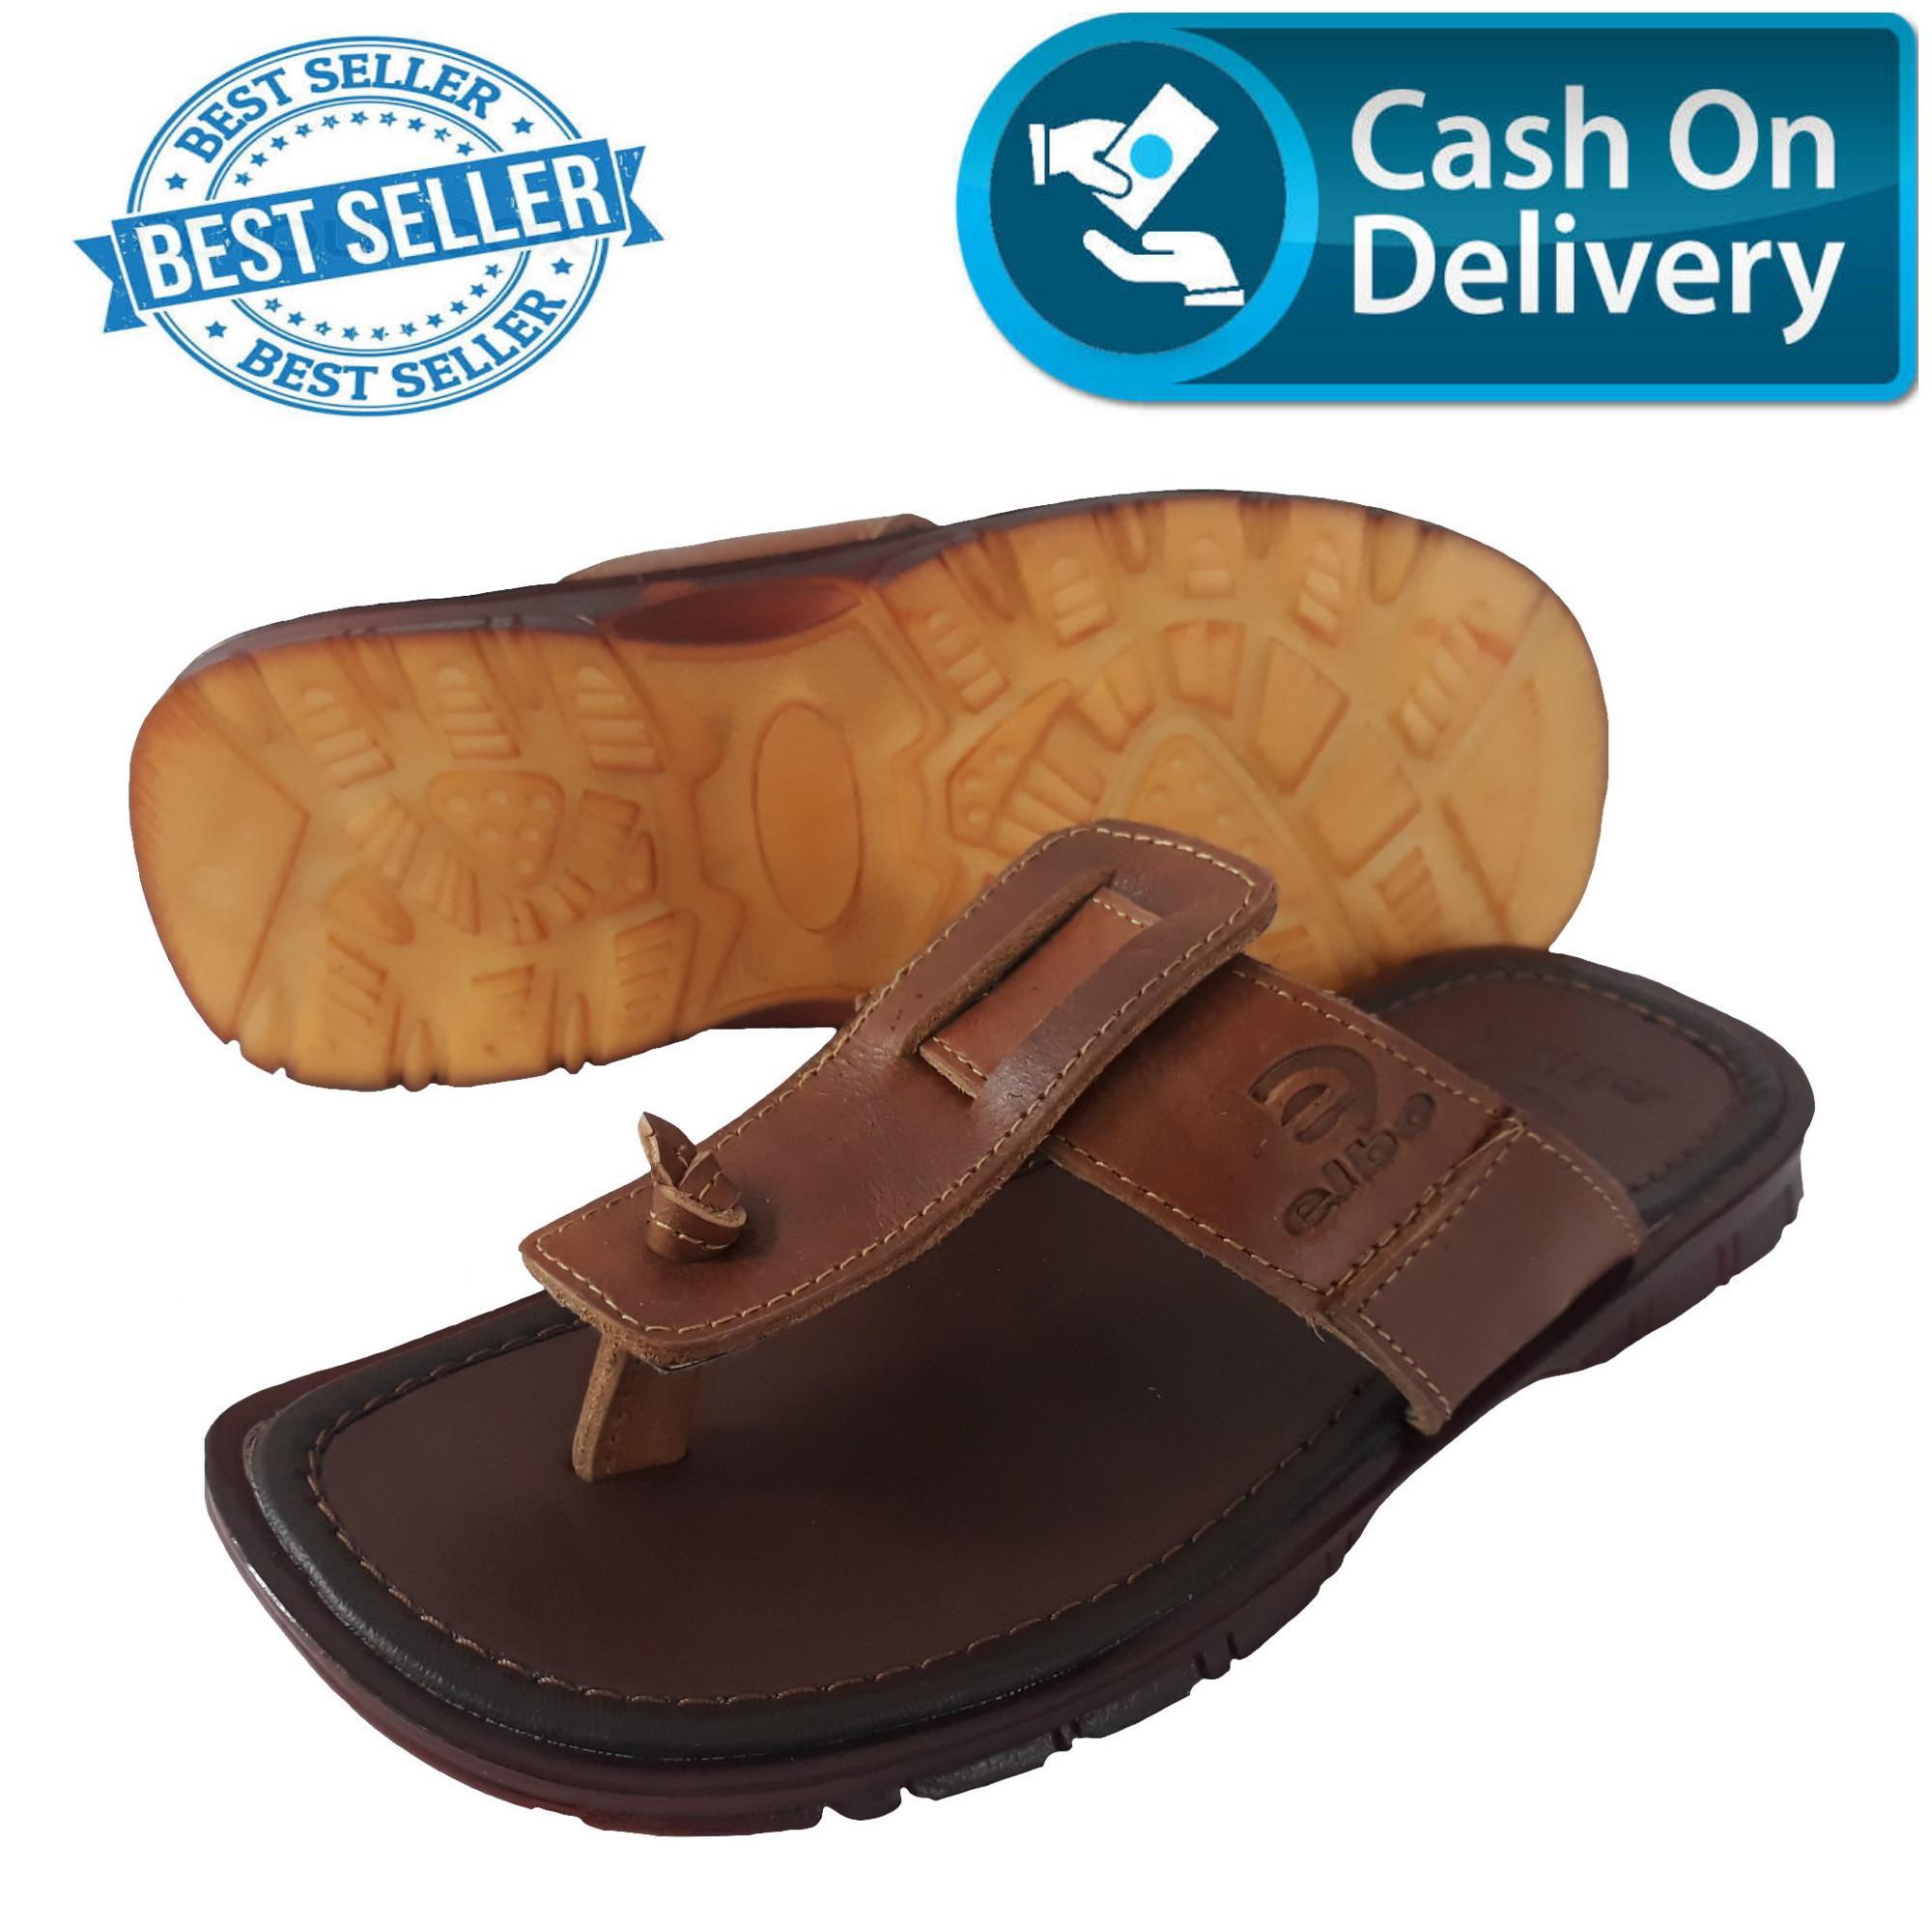 Sandal Kulit Pria / Sandal Pria Kulit Sapi Asli / Sandal Kulit Sapi Asli Model Japit